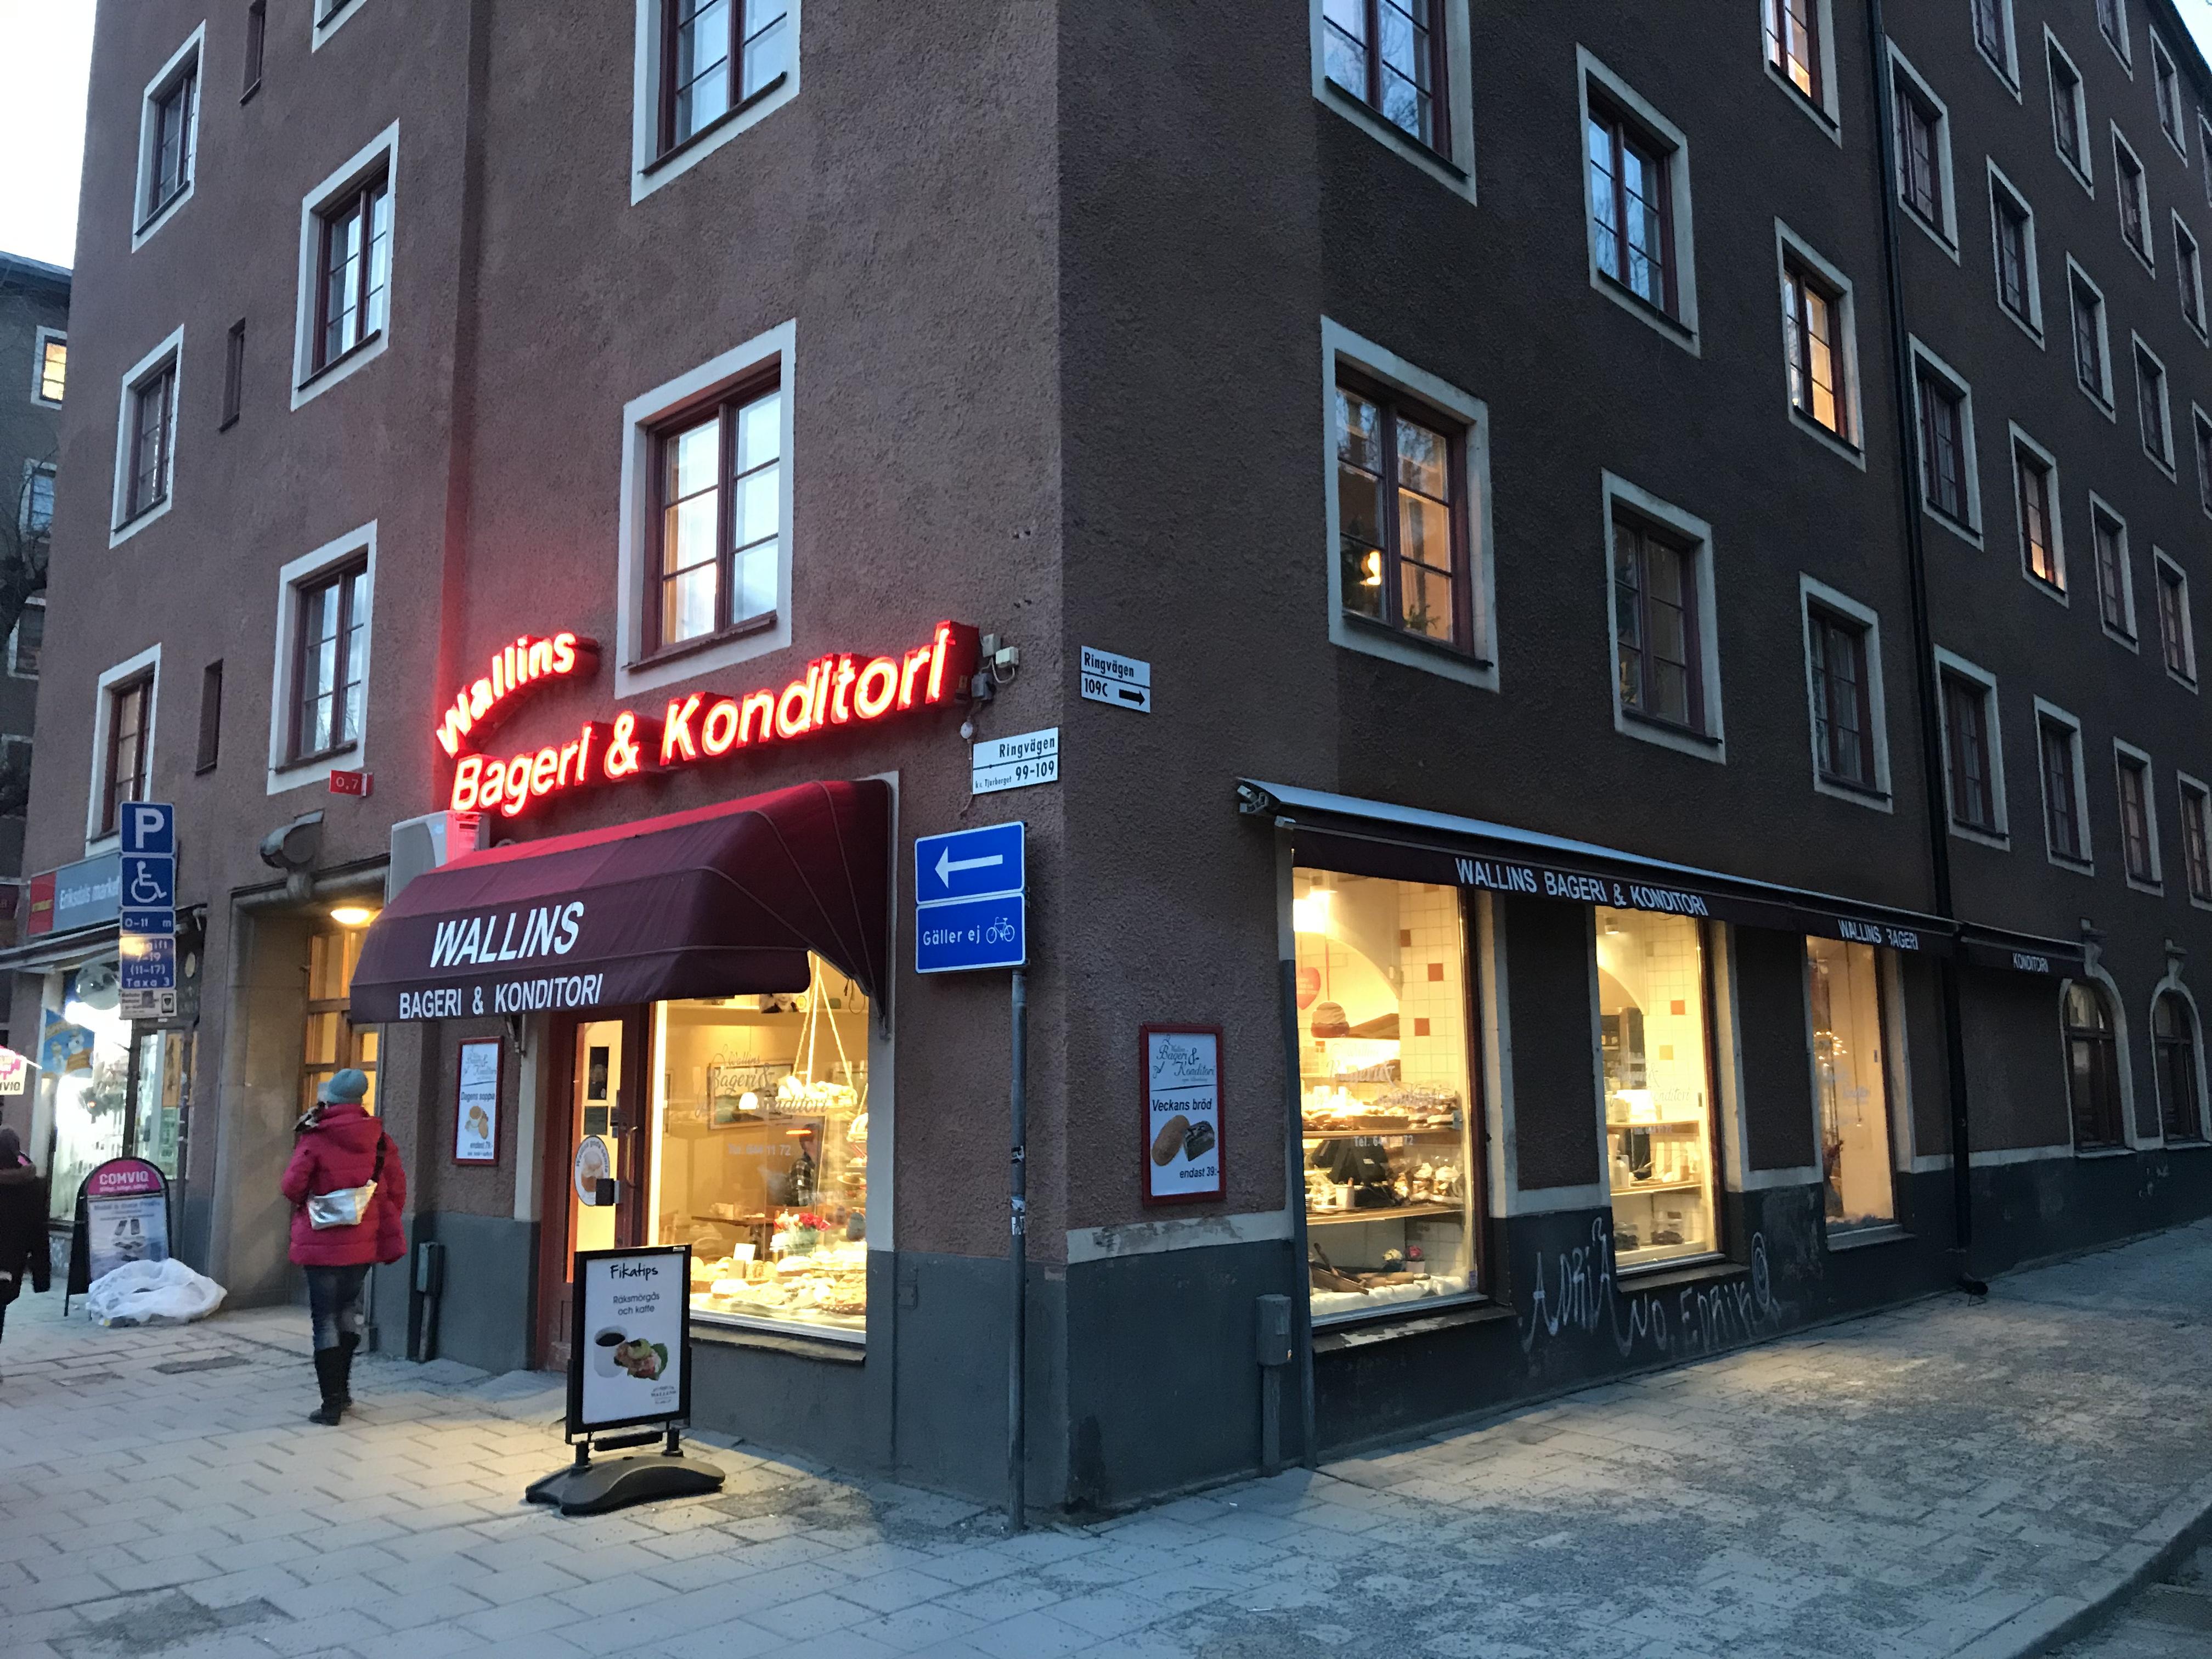 Wallins Bageri och konditori vid Ringen på Södermalm.